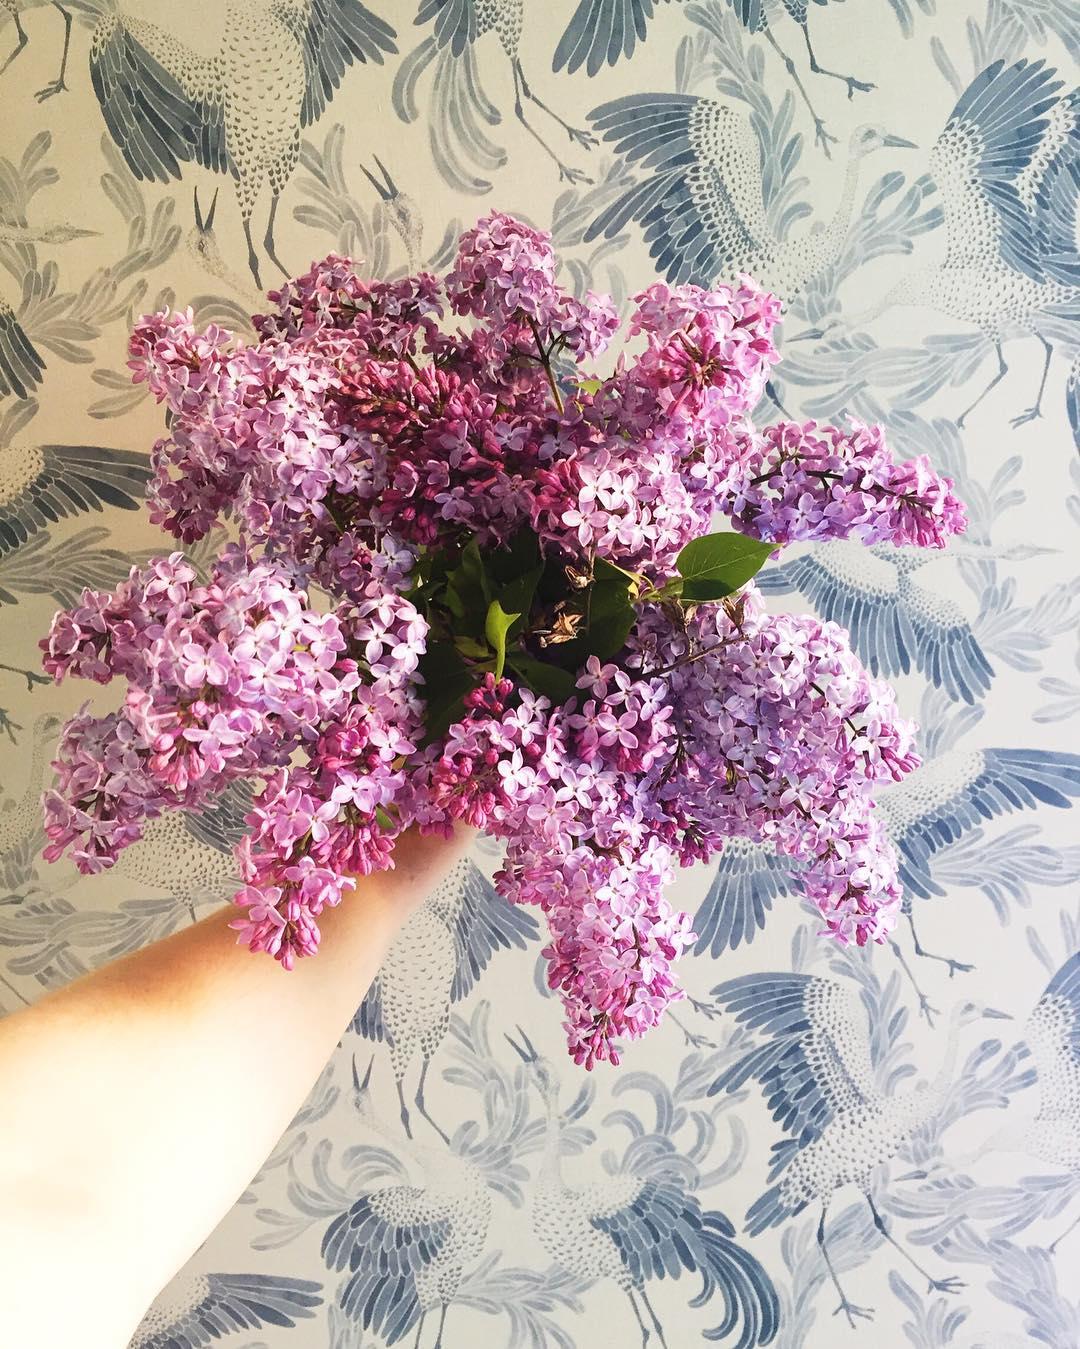 Perfect bouquet for the last day of may #lilacs #tusenogenhatt #tusenogenhattcom #rom123 #boligliv #boligdrøm #boligpluss #interior4all #boligliv_dk #vakrehjemoginteriør #heminredning #kkliving #elledecoration #apartmenttherapy #boliginretning #boligliv #rumrum